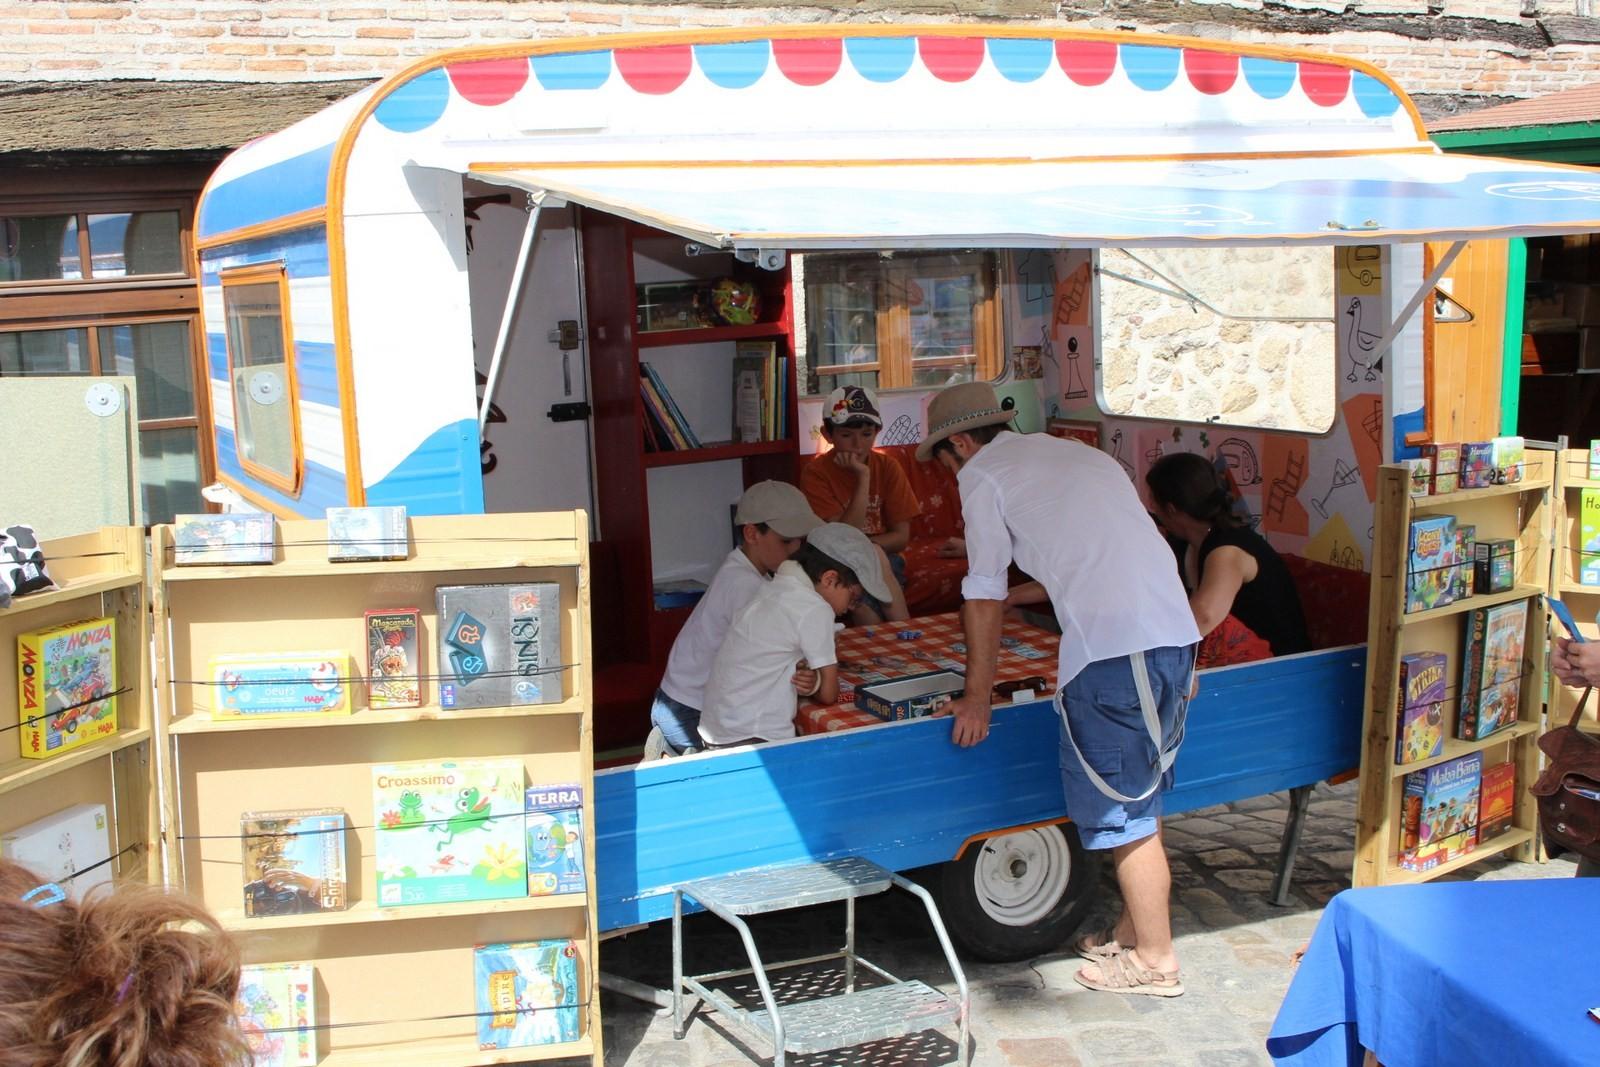 Jouer dans des caravanes aménagées (et pourquoi pas bientôt chez Etre et Jouer...)